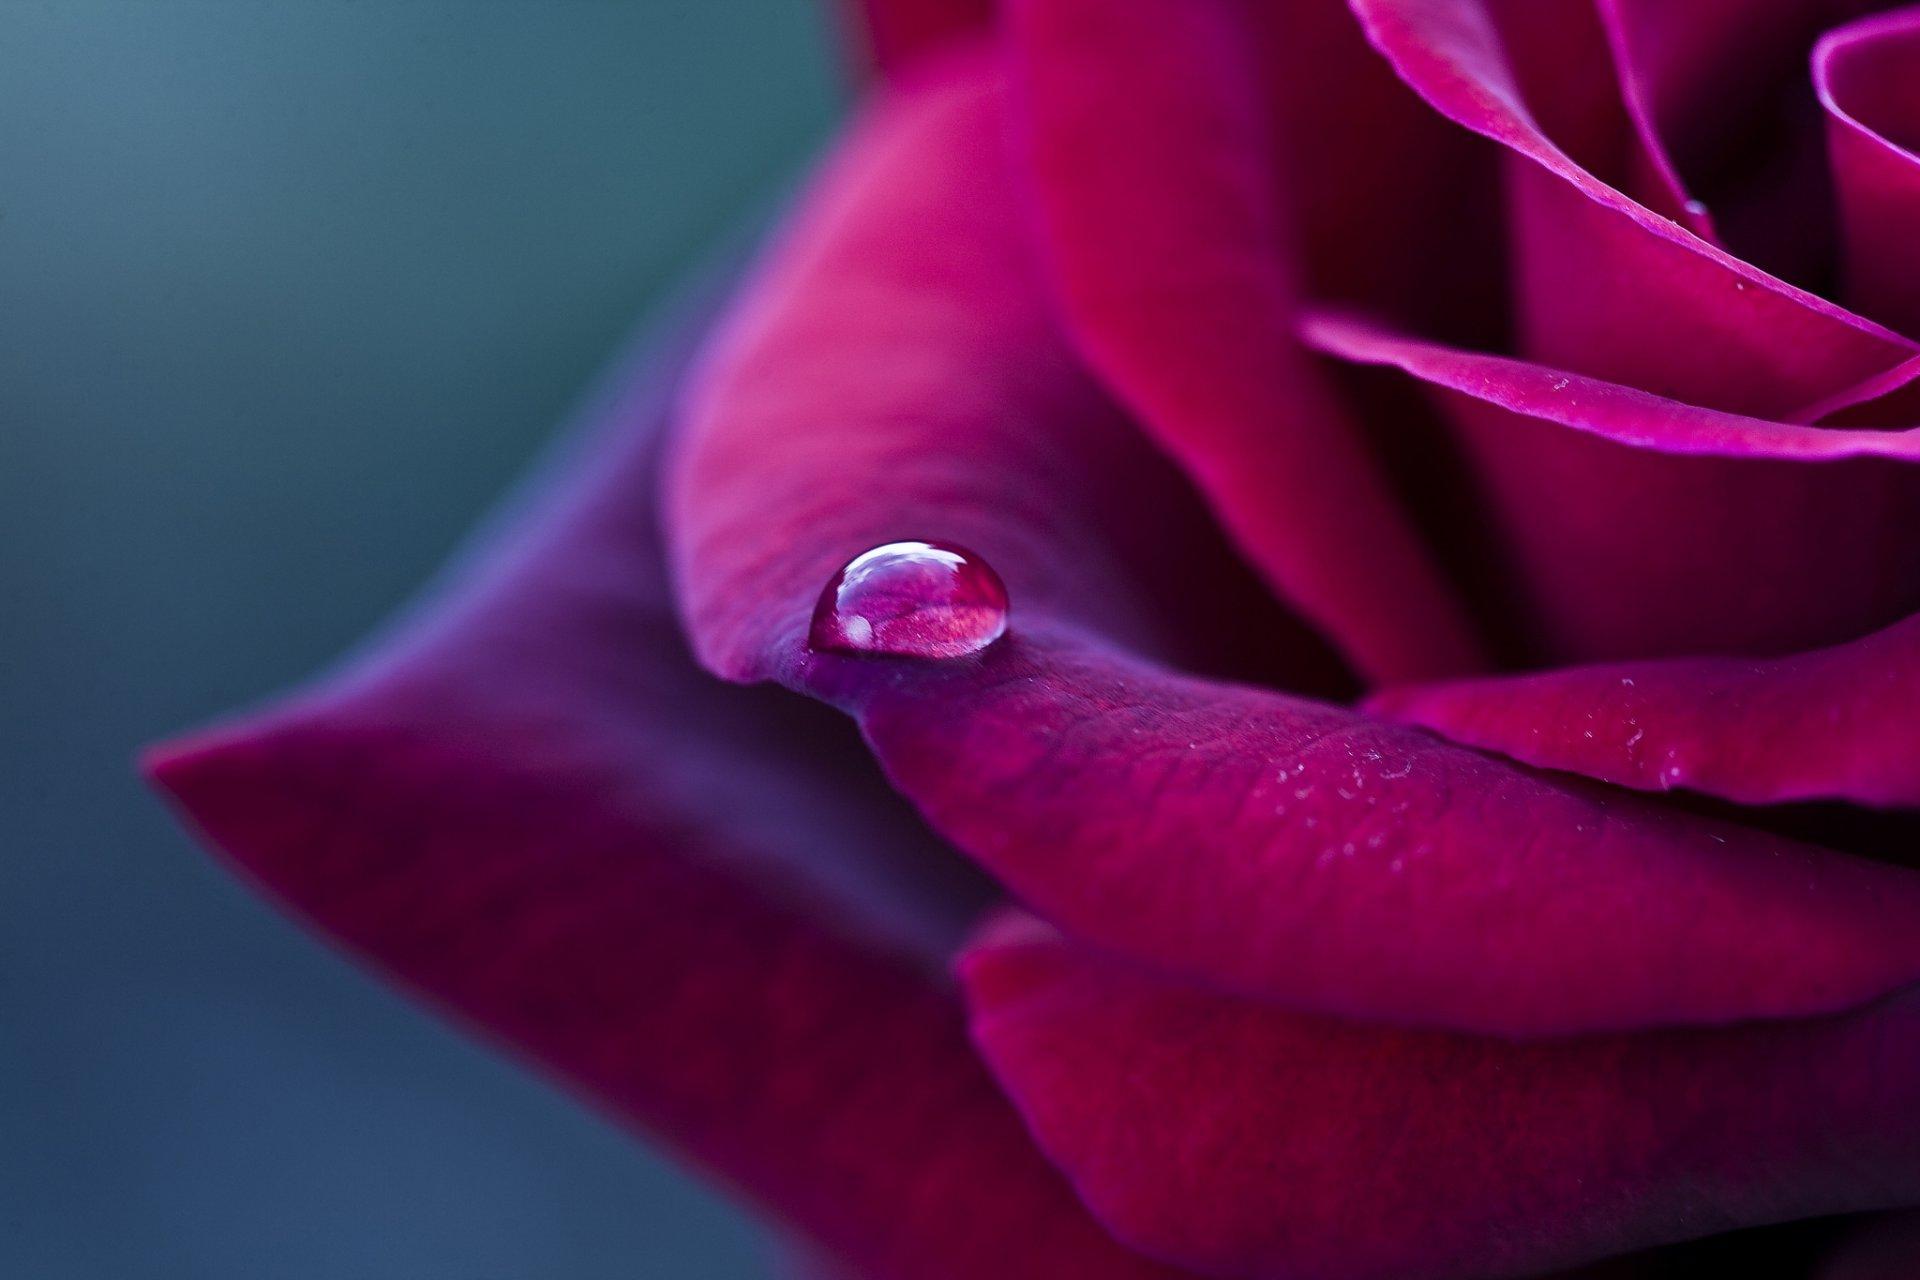 Цветок капли лепестки скачать